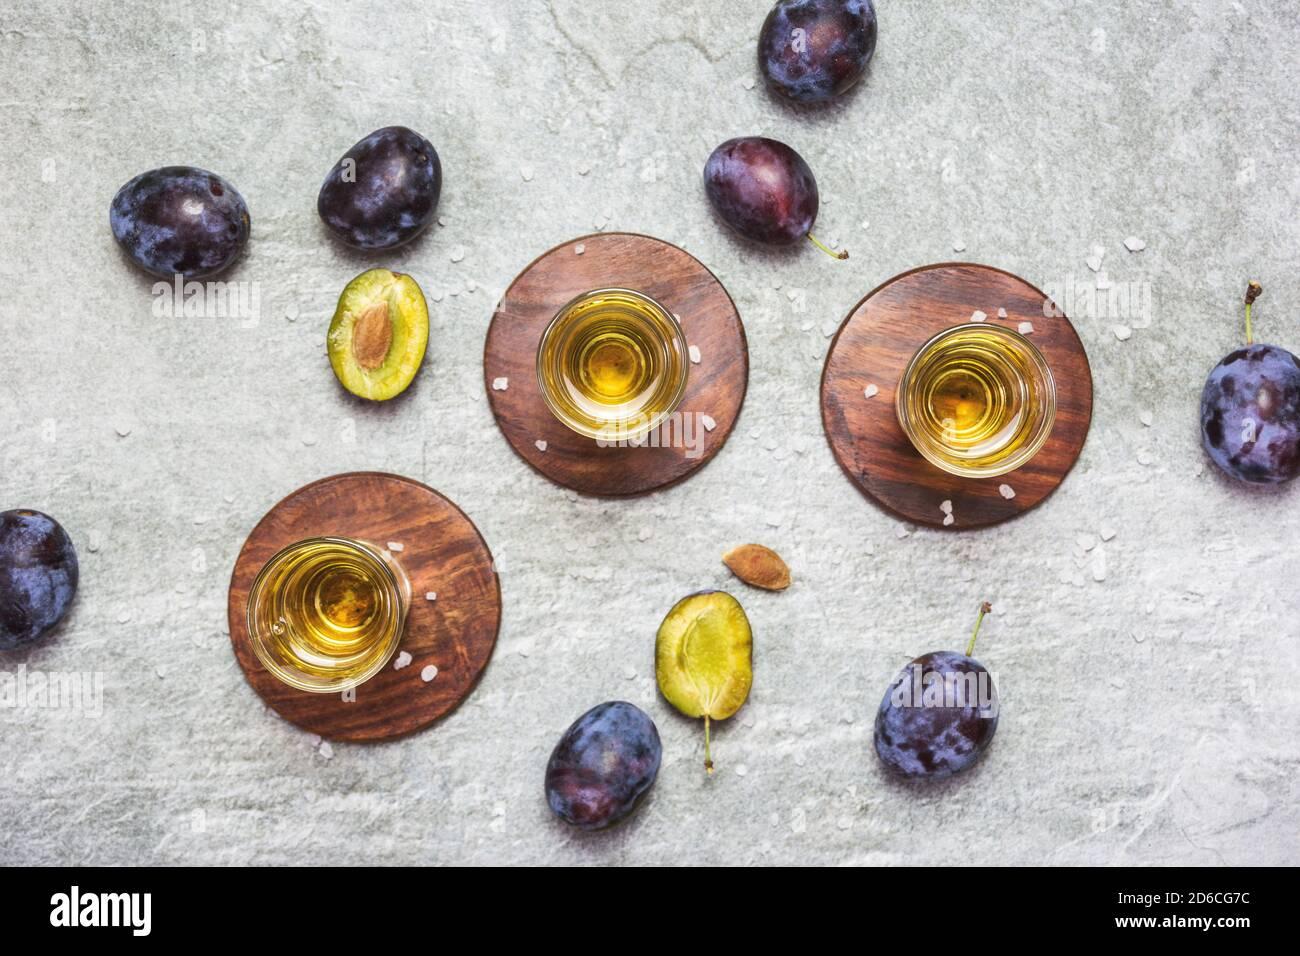 Le rakija, le raki ou le rakia est un cognac de boisson alcoolisée des Balkans à base de fruits fermentés. Prunier rakia sur la table grise Sone, vue de dessus. Banque D'Images